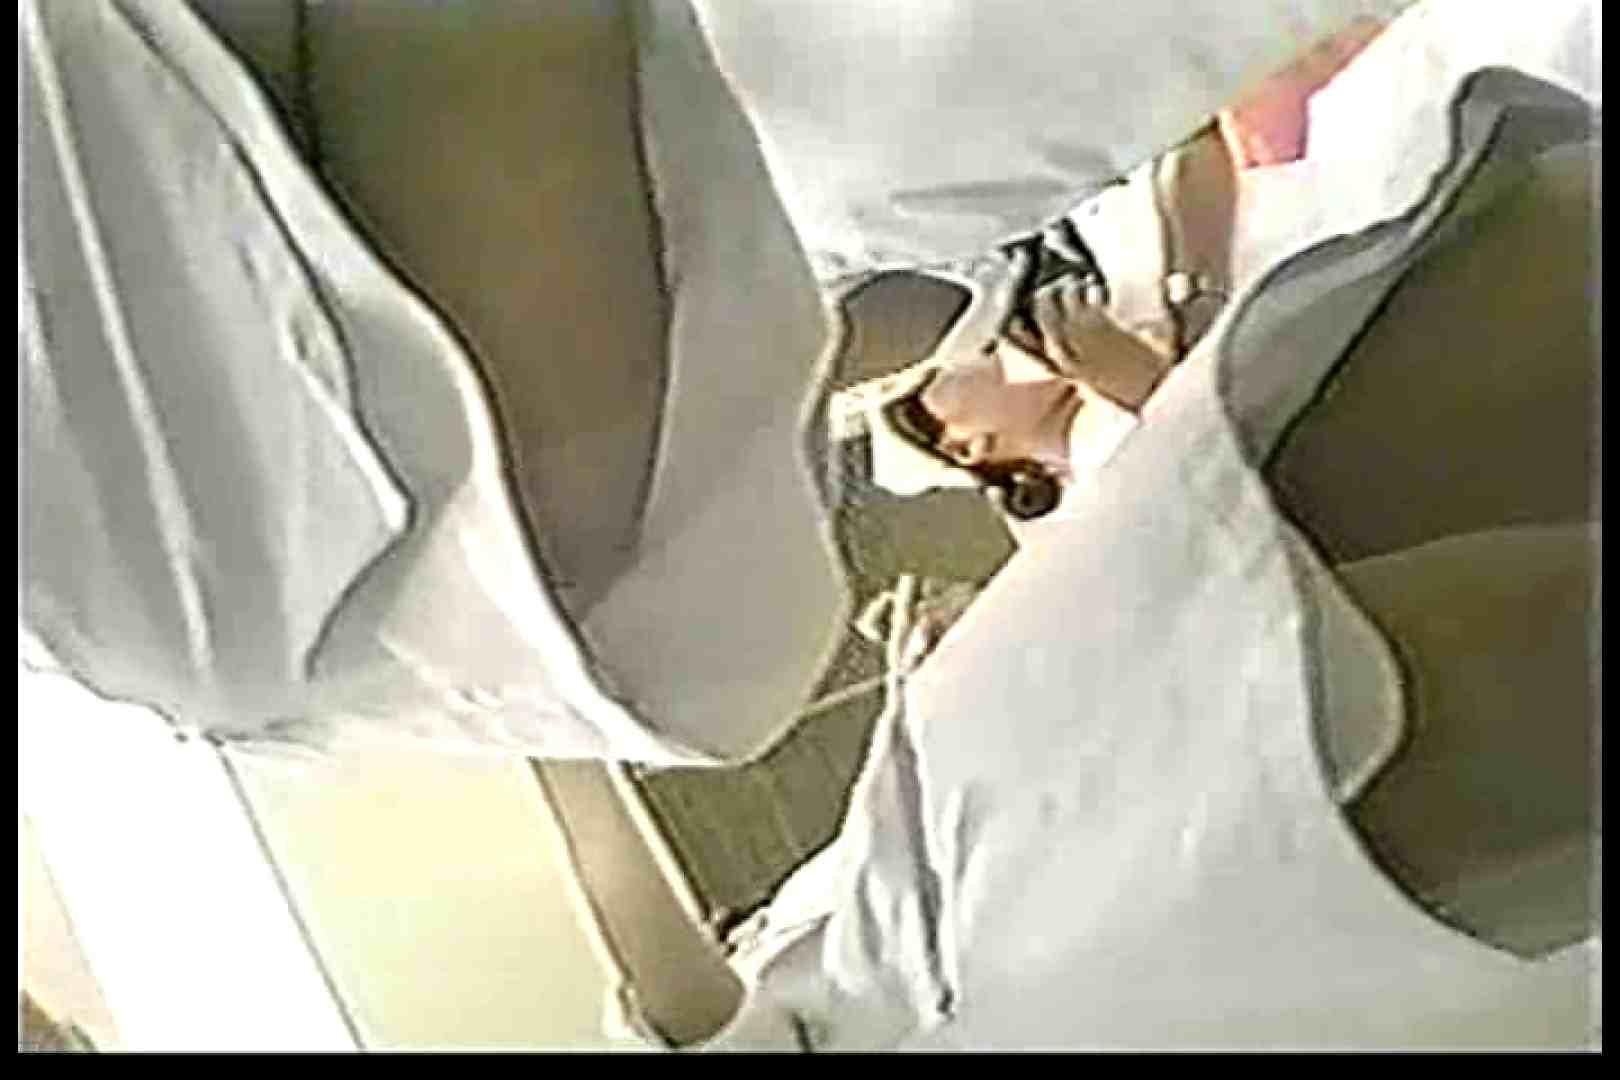 院内密着!看護婦達の下半身事情Vol.1 エロティックなOL  104画像 75